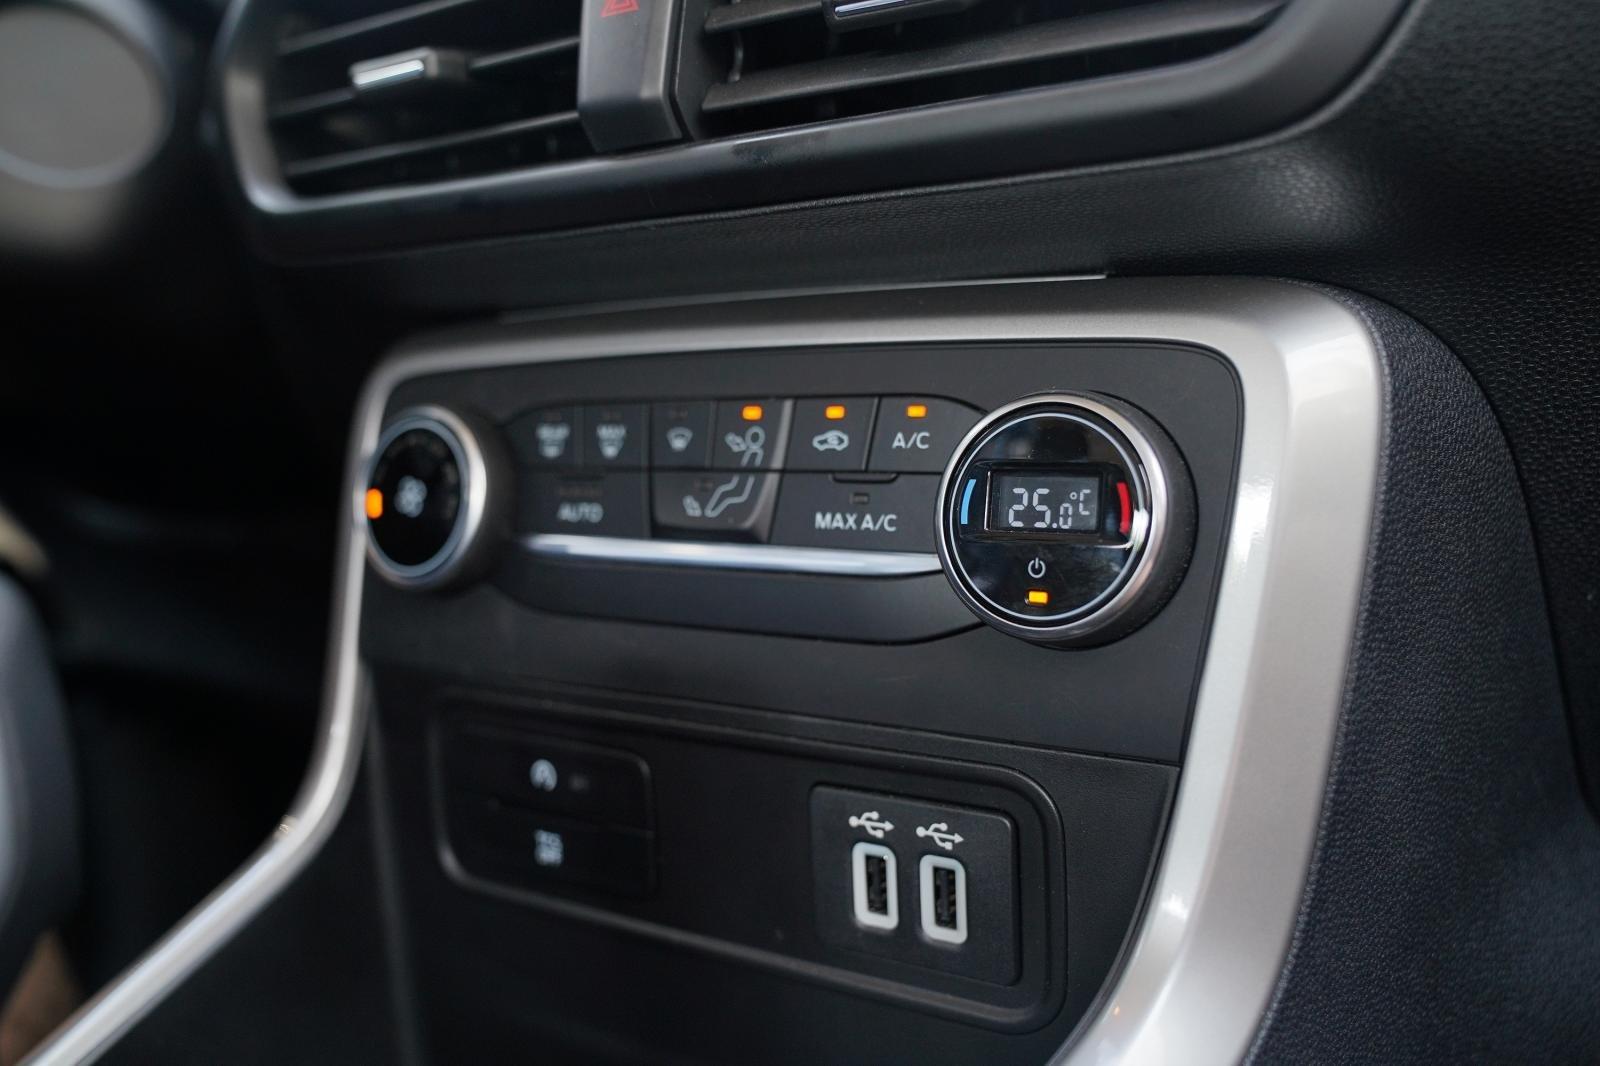 Trang bị tiện nghi trên xe Ford EcoSport 2020: Hệ thống nút bấm điều khiển chức năng 1